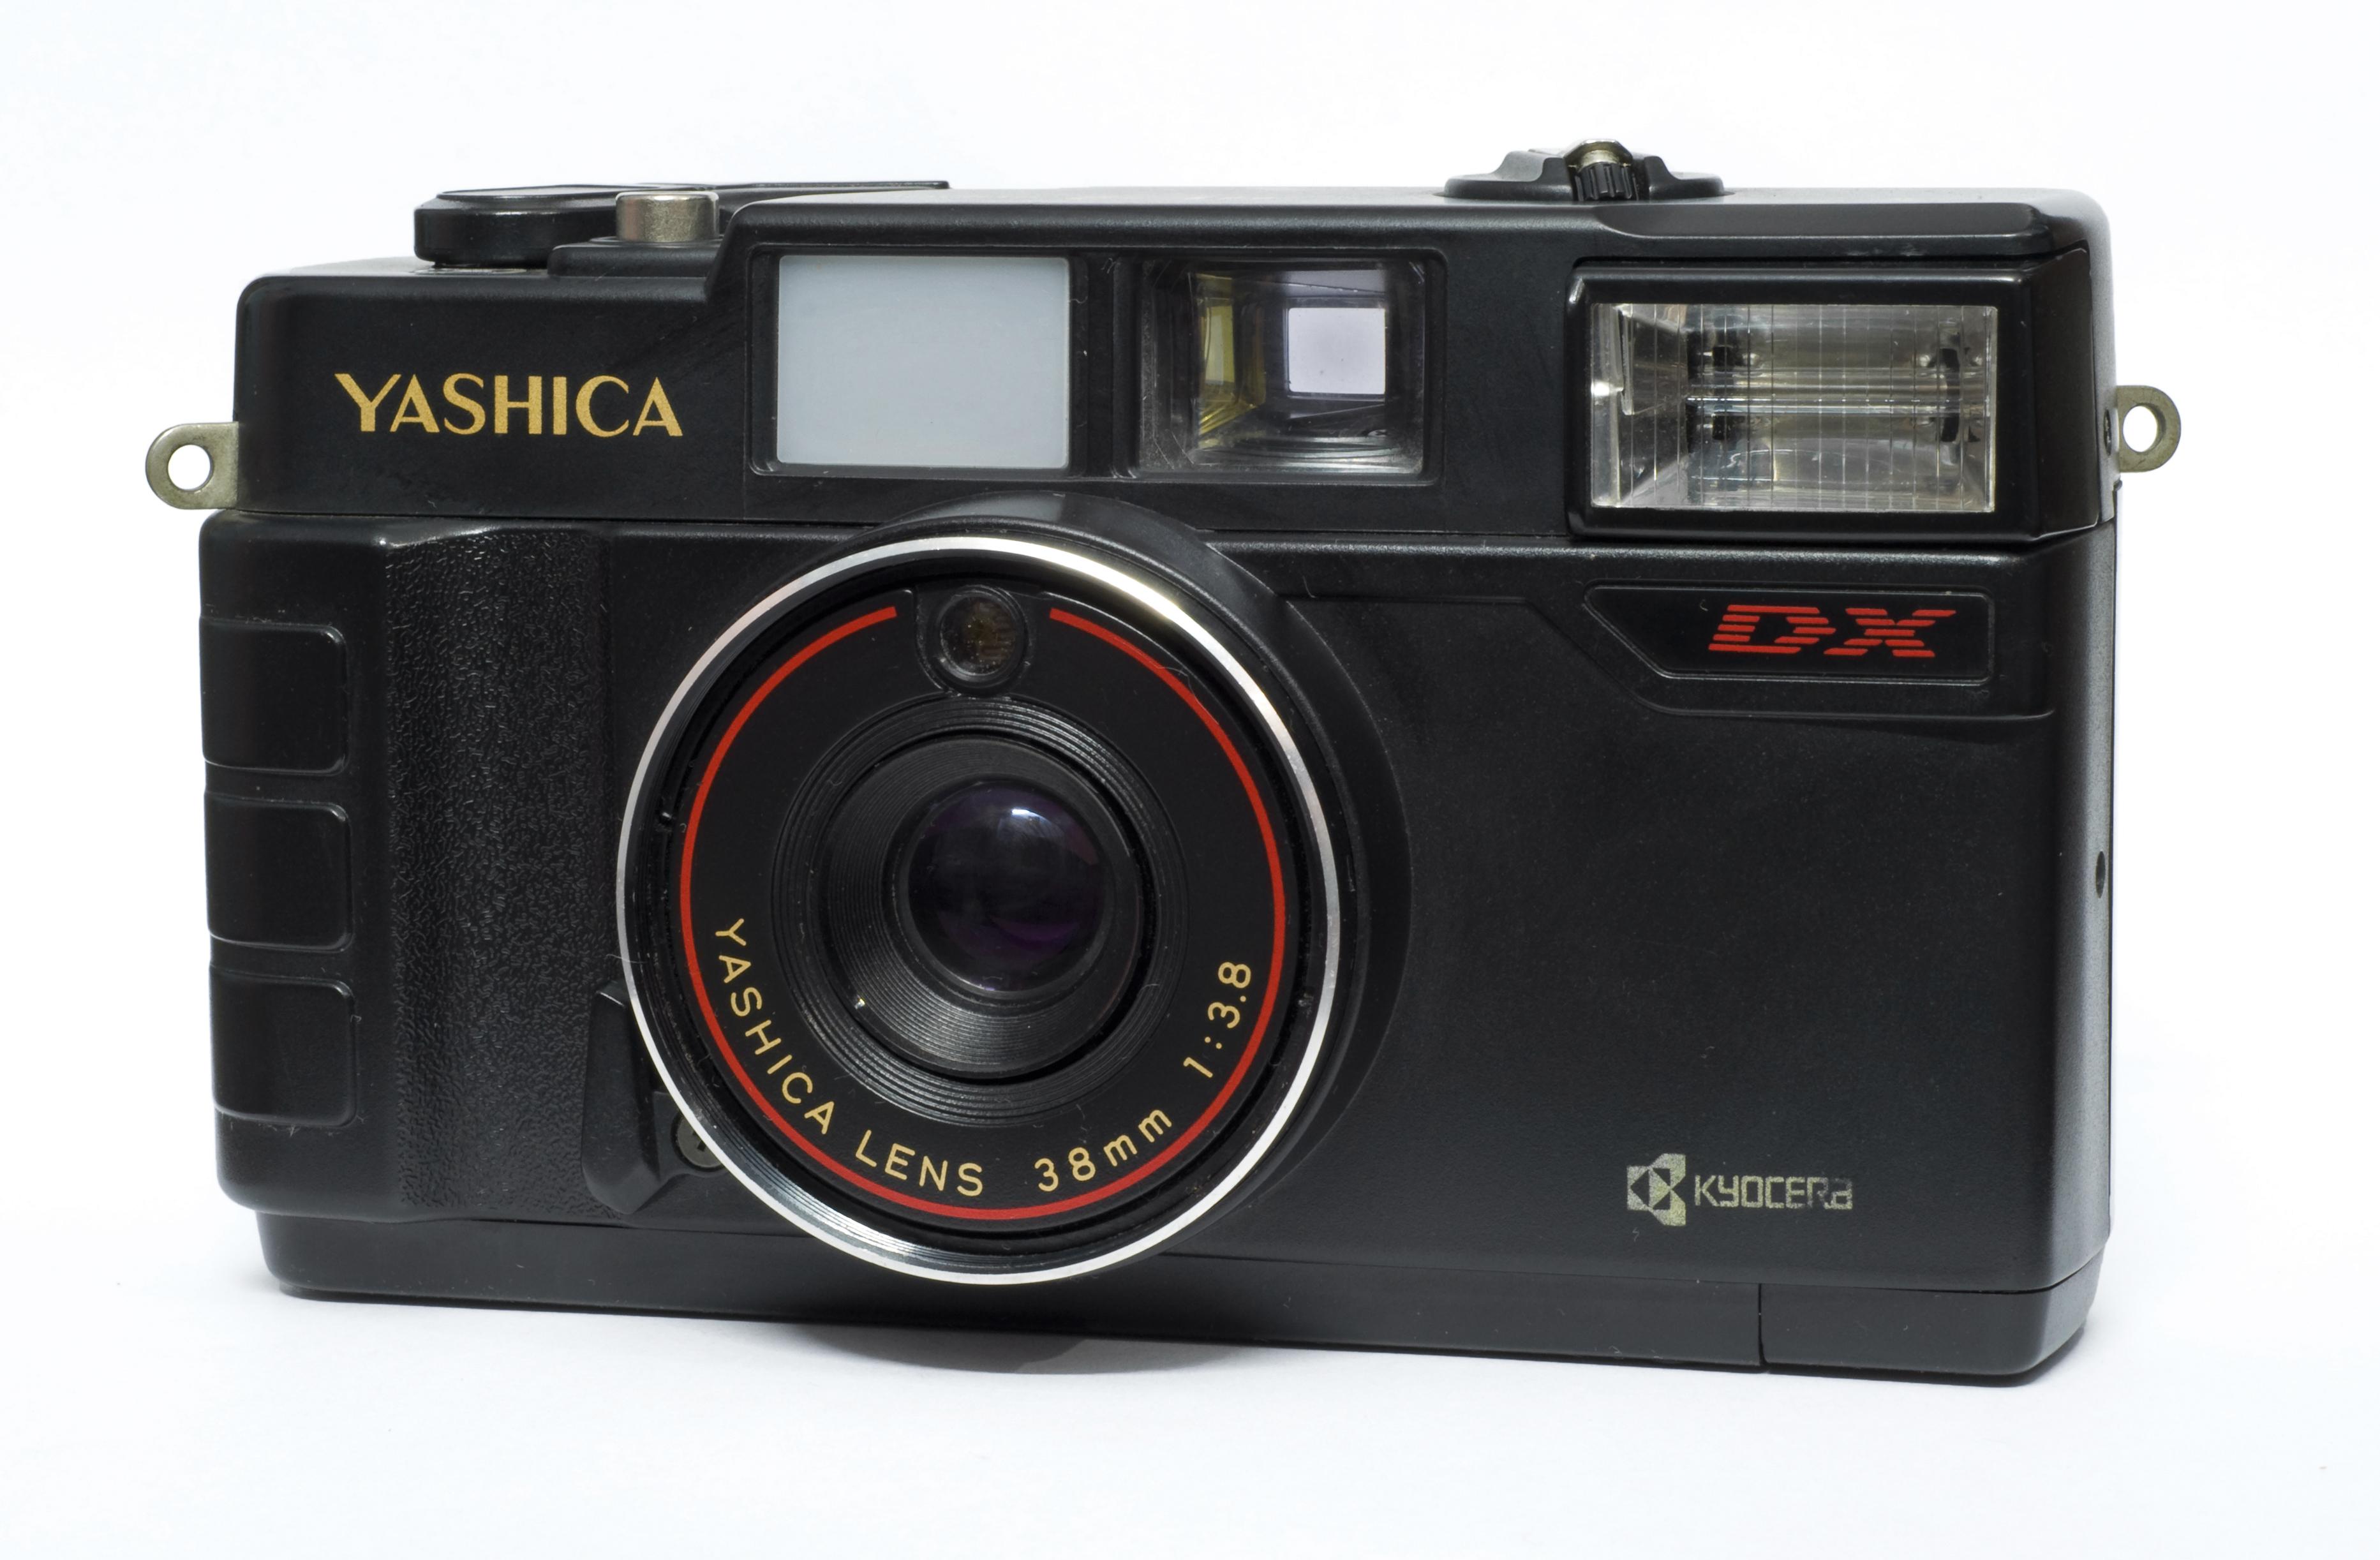 دوربین یاشیکا قدیمی